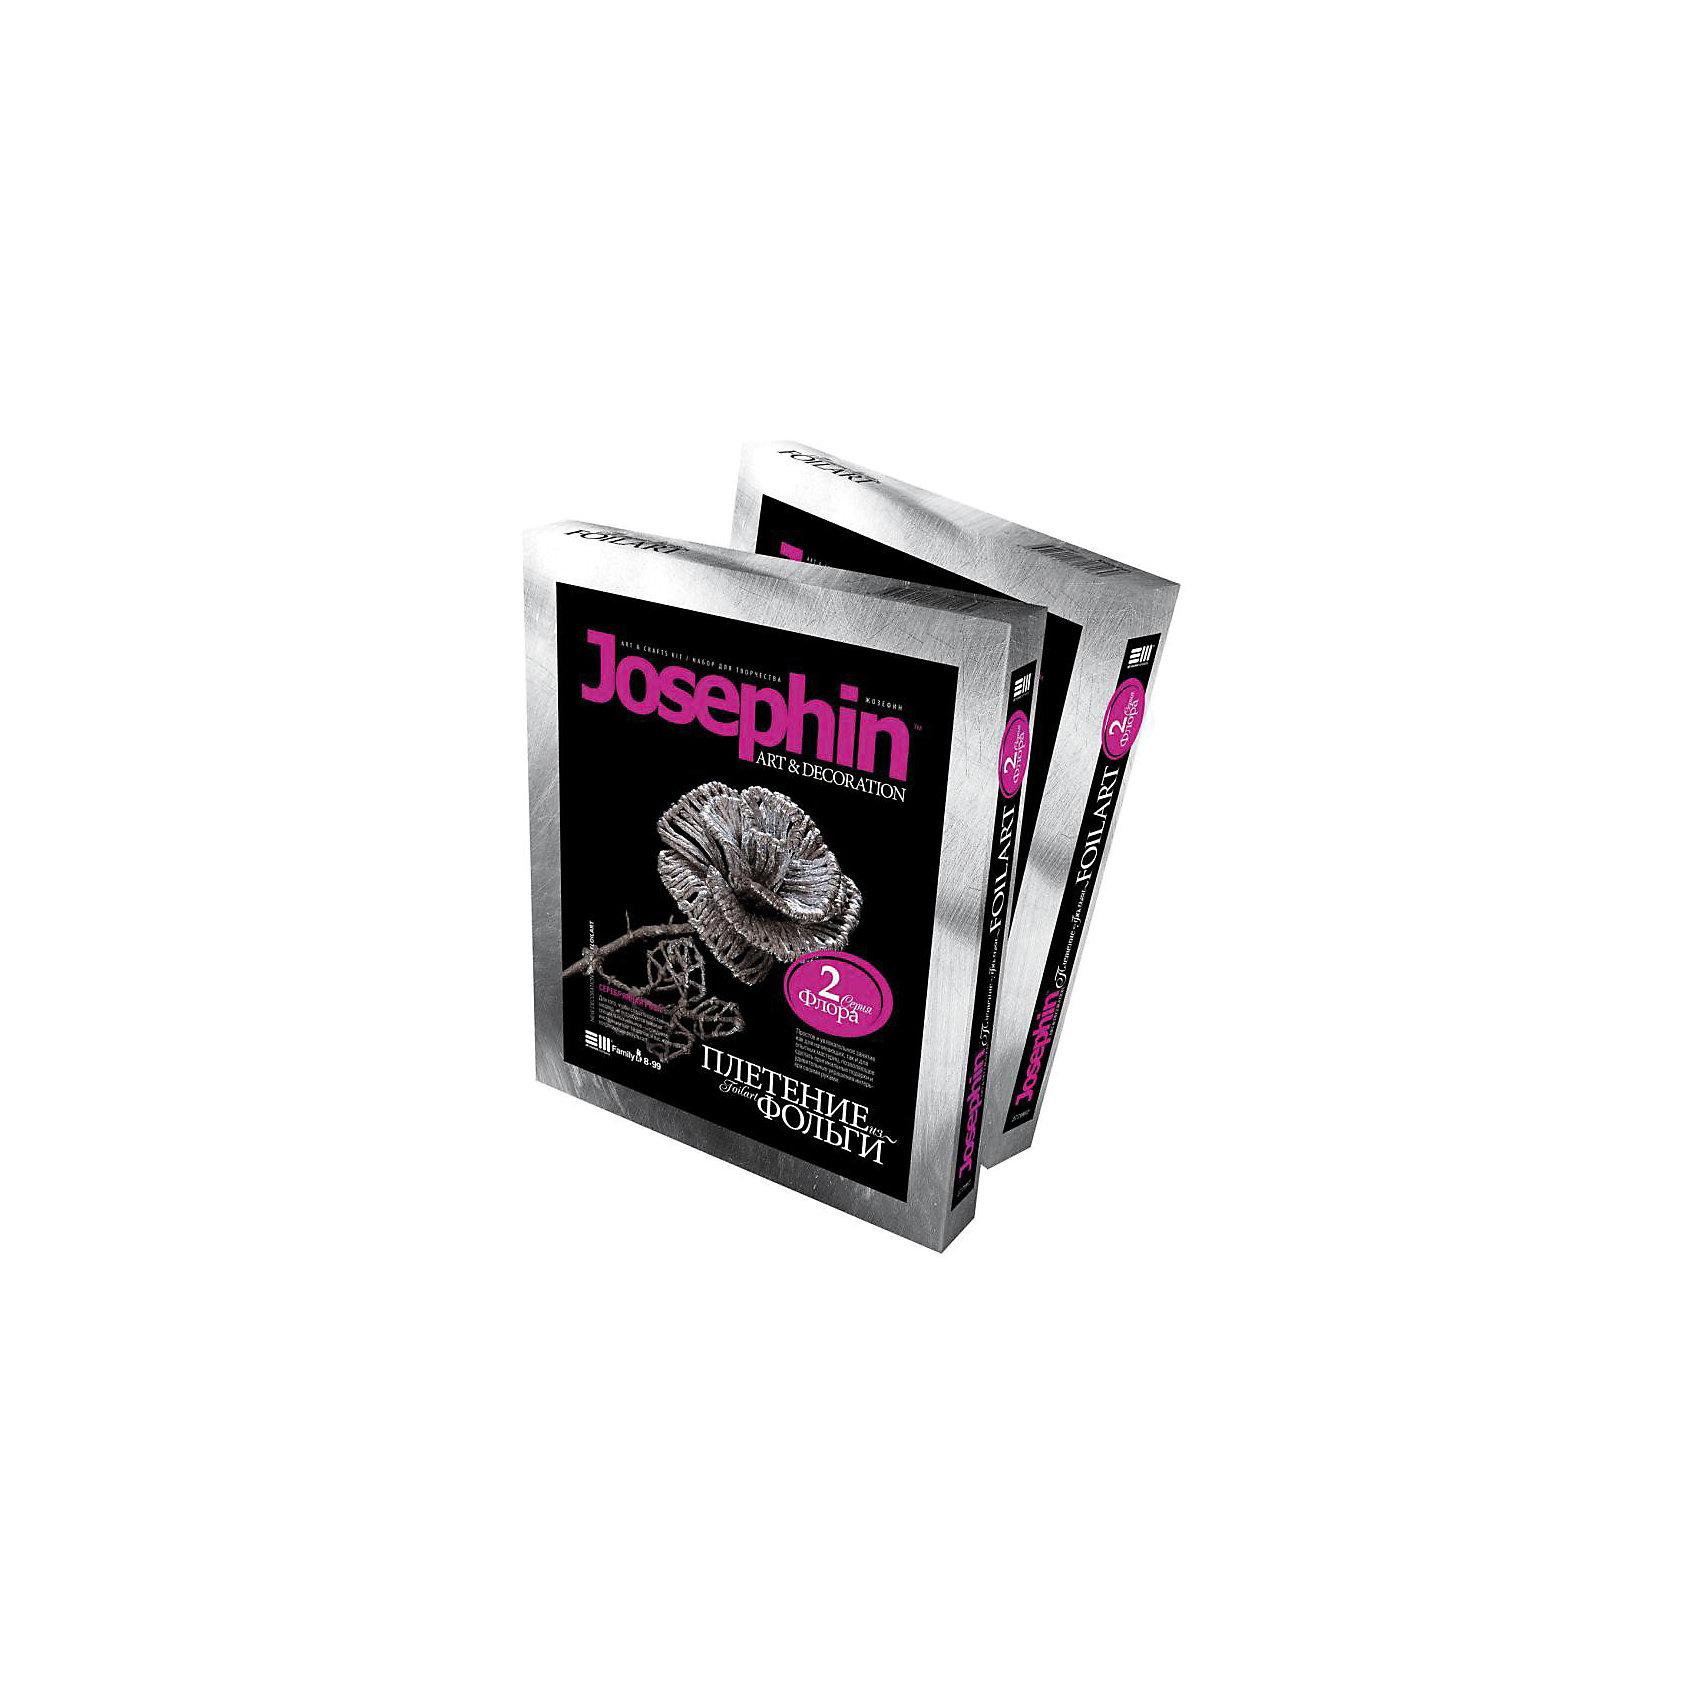 Josephine Набор плетение из фольги Серебрянная розаJosephine Набор плетение из фольги Серебряная роза, Фантазер<br><br>Характеристики:<br><br>• сверкающая роза из фольги <br>• легко создать <br>• в комплекте: фольга, шаблон, инструкция<br>• размер упаковки: 22,2х18,6х2,7 см<br>• вес: 84 грамм<br><br>Поделки из фольги всегда поражают своей легкостью и красотой. С помощью набора от Josephine ваш ребенок сможет самостоятельно создать сверкающую серебряную розу, которая станет приятным дополнением к интерьеру дома. Для этого нужно разрезать фольгу на небольшие полоски, скрутить ее, а затем сплести цветок по шаблону. Плетение из фольги - отличный вариант для интересного семейного вечера!<br><br>Josephine Набор плетение из фольги Серебряная роза, Фантазер вы можете купить в нашем интернет-магазине.<br><br>Ширина мм: 185<br>Глубина мм: 25<br>Высота мм: 220<br>Вес г: 100<br>Возраст от месяцев: 96<br>Возраст до месяцев: 1188<br>Пол: Женский<br>Возраст: Детский<br>SKU: 2331309